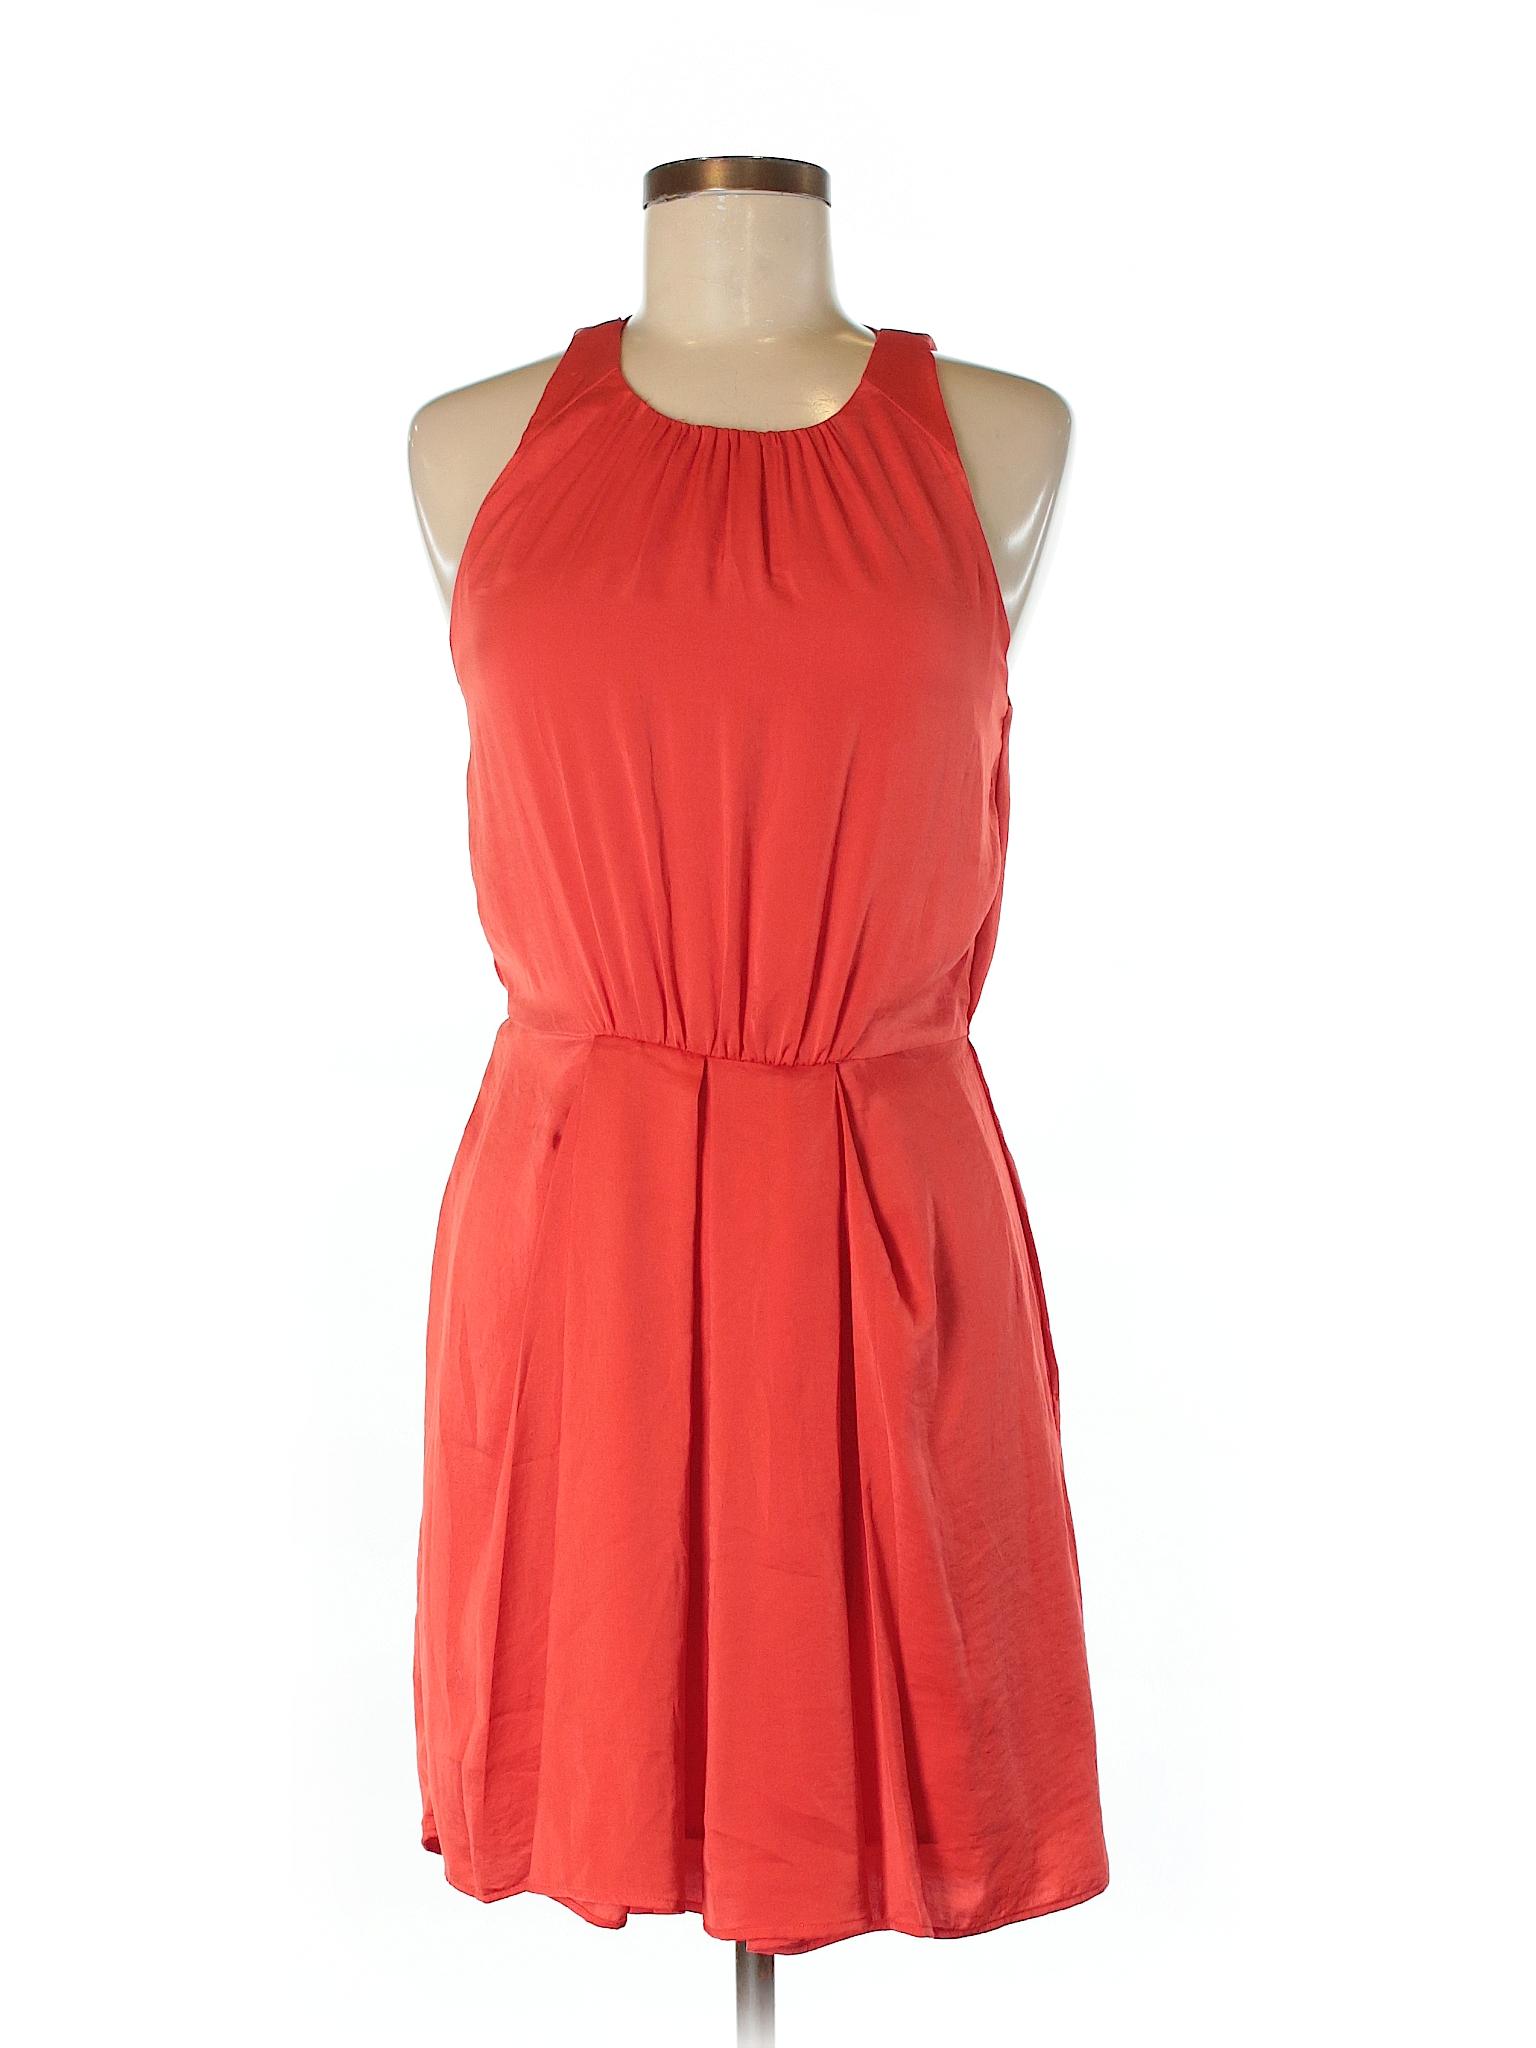 Dress Rebecca Casual Taylor Boutique winter xpaqATH